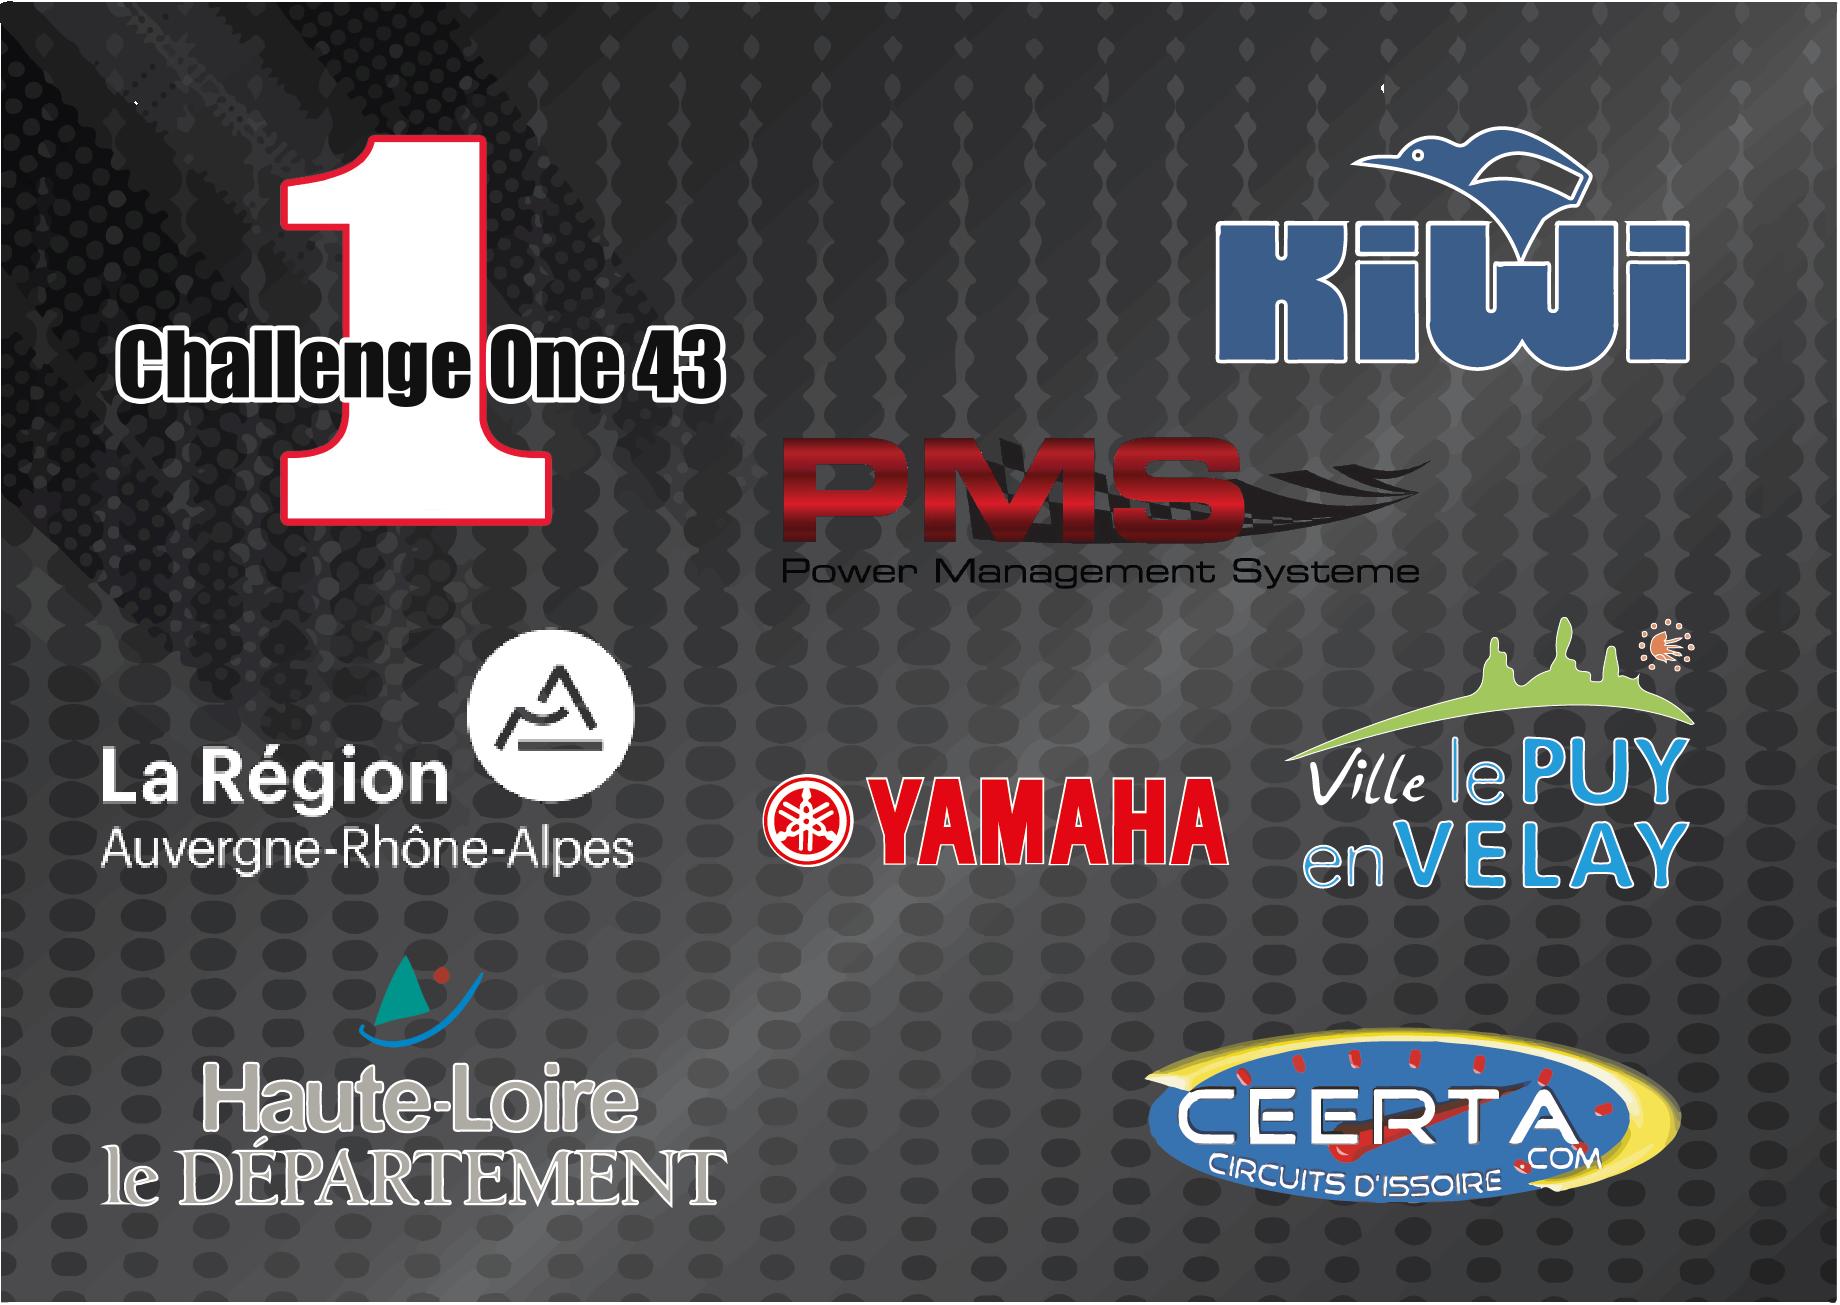 Panneau sponsors 2 plr site 2018 juin